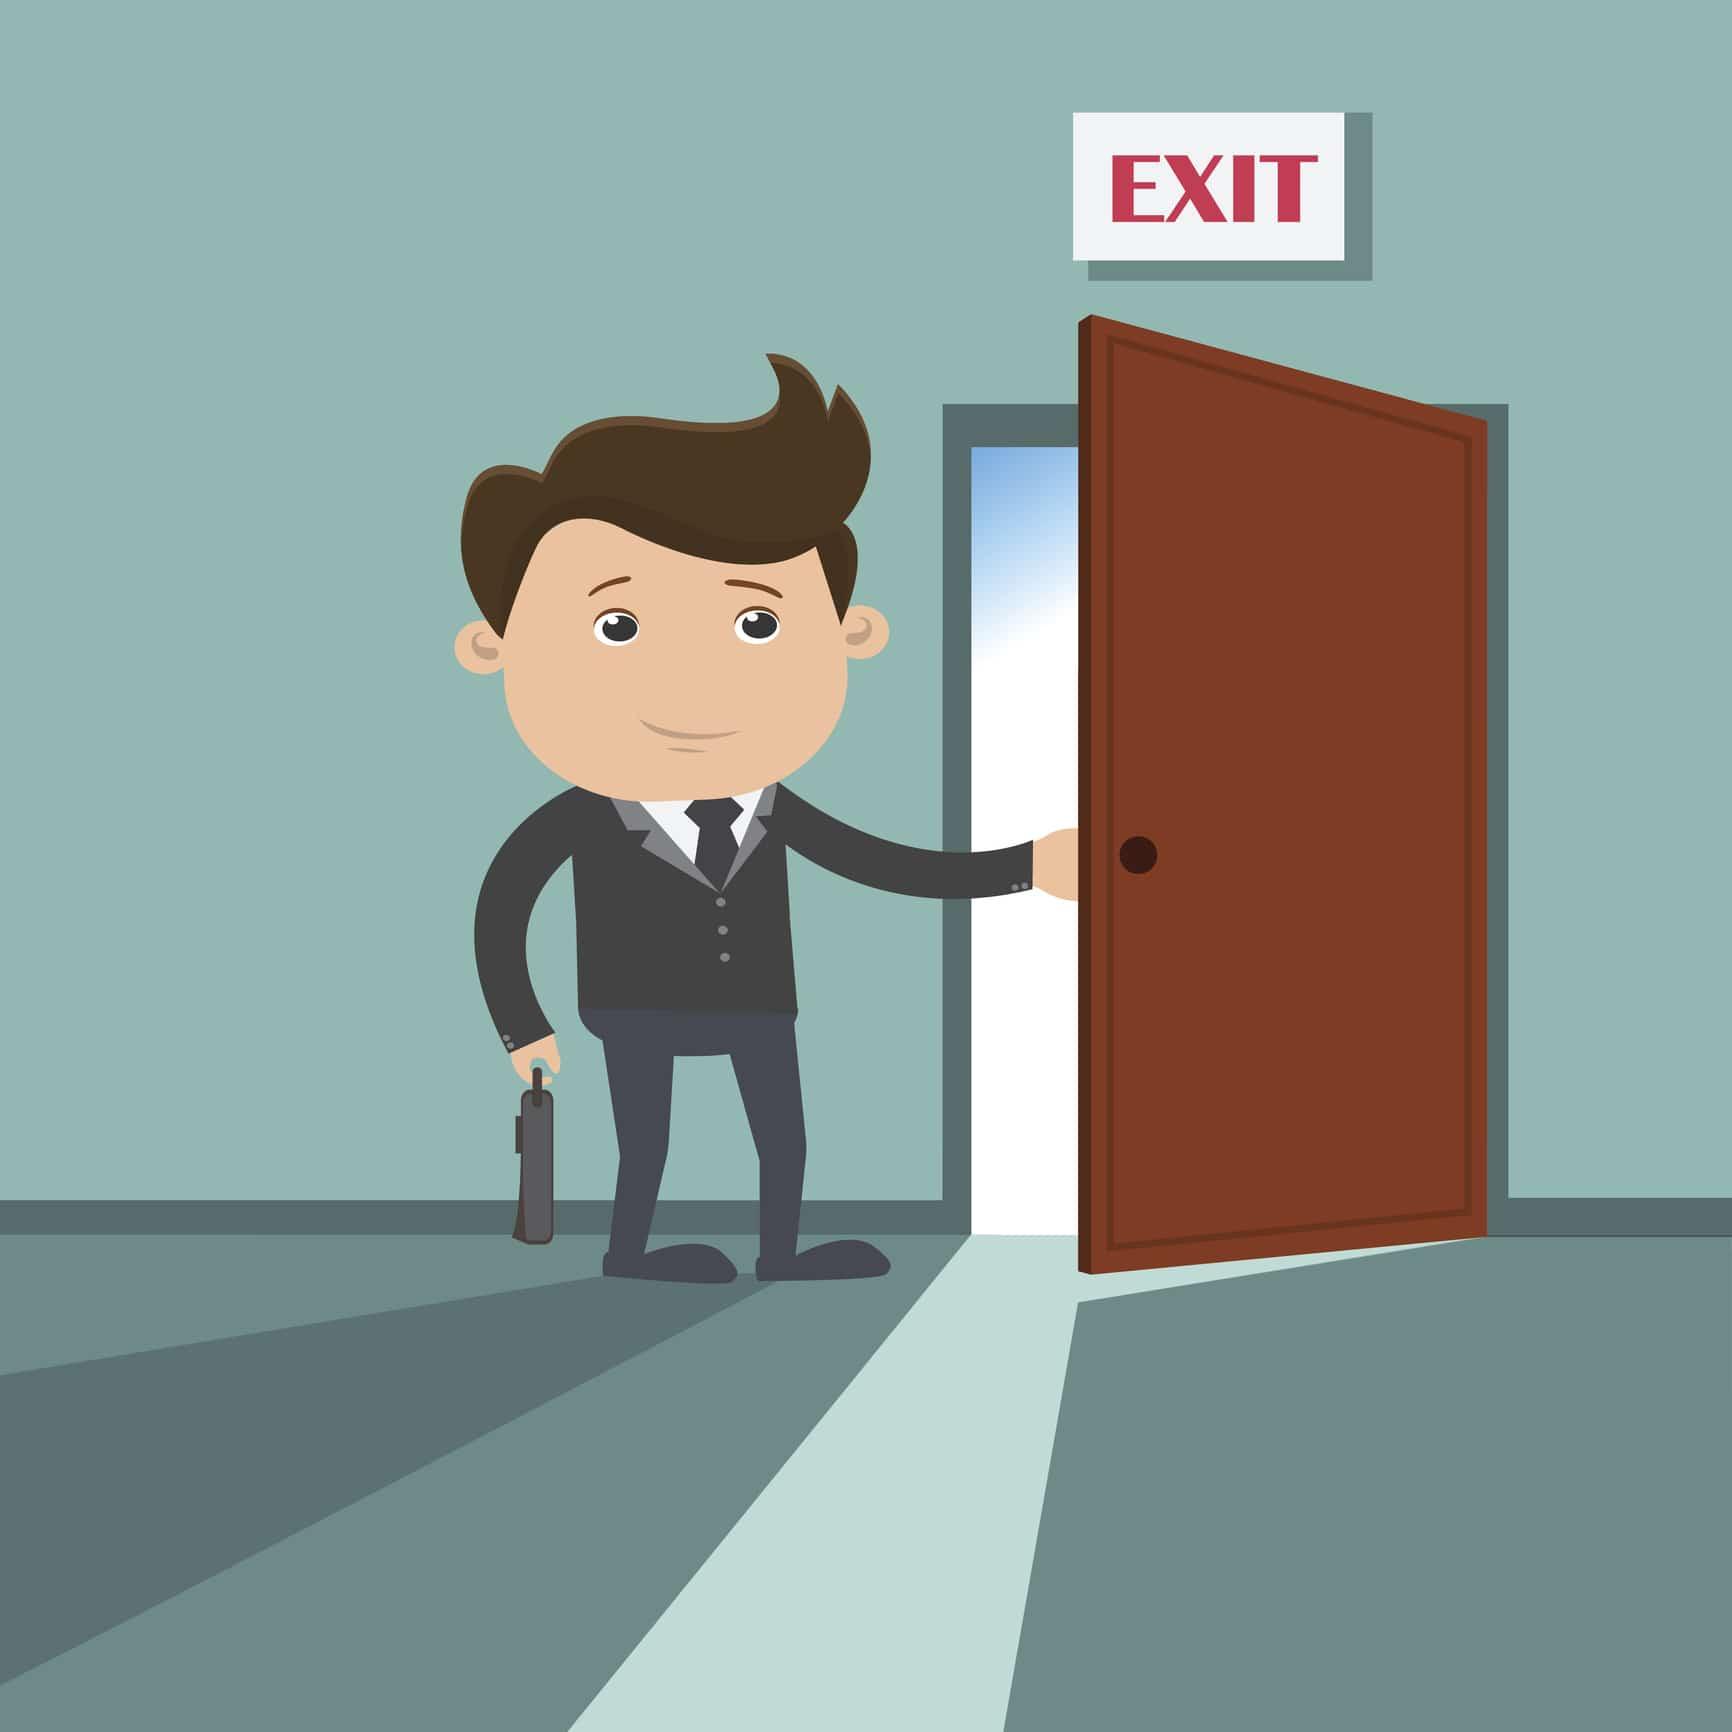 Mitarbeiter verlässt nach 7 Jahren das Unternehmen und wechselt den Job